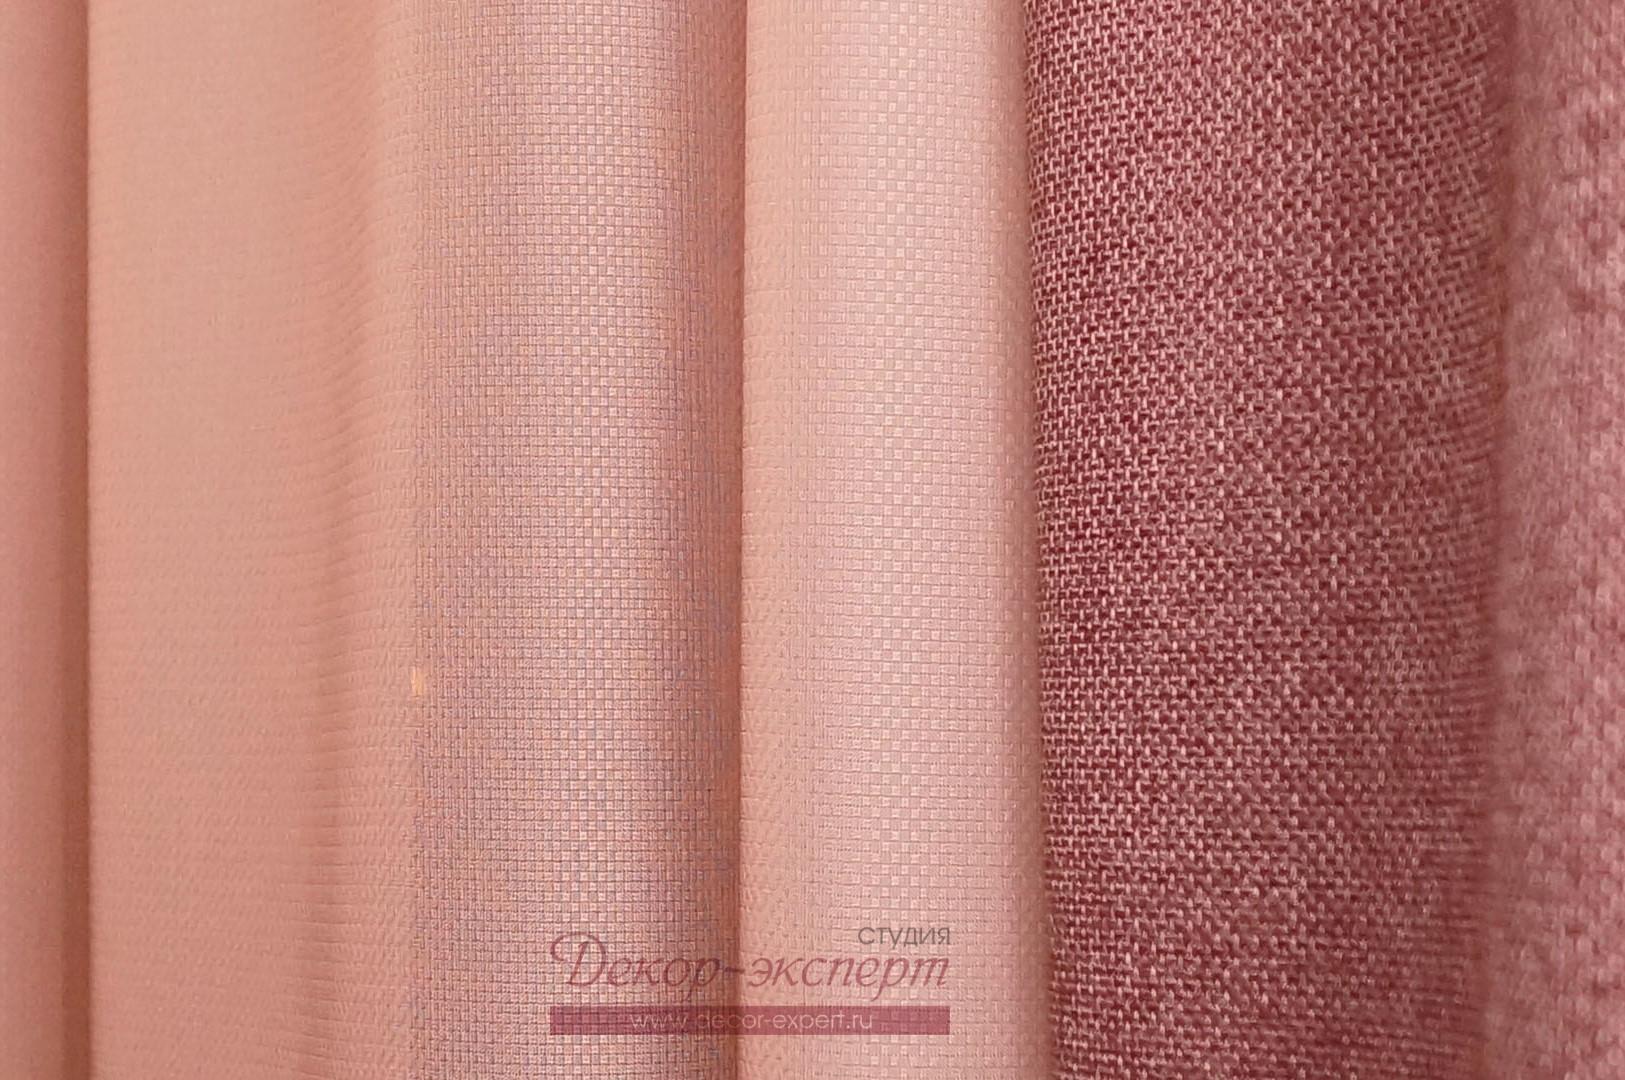 Сочетание фактур портьерной ткани и тюля.